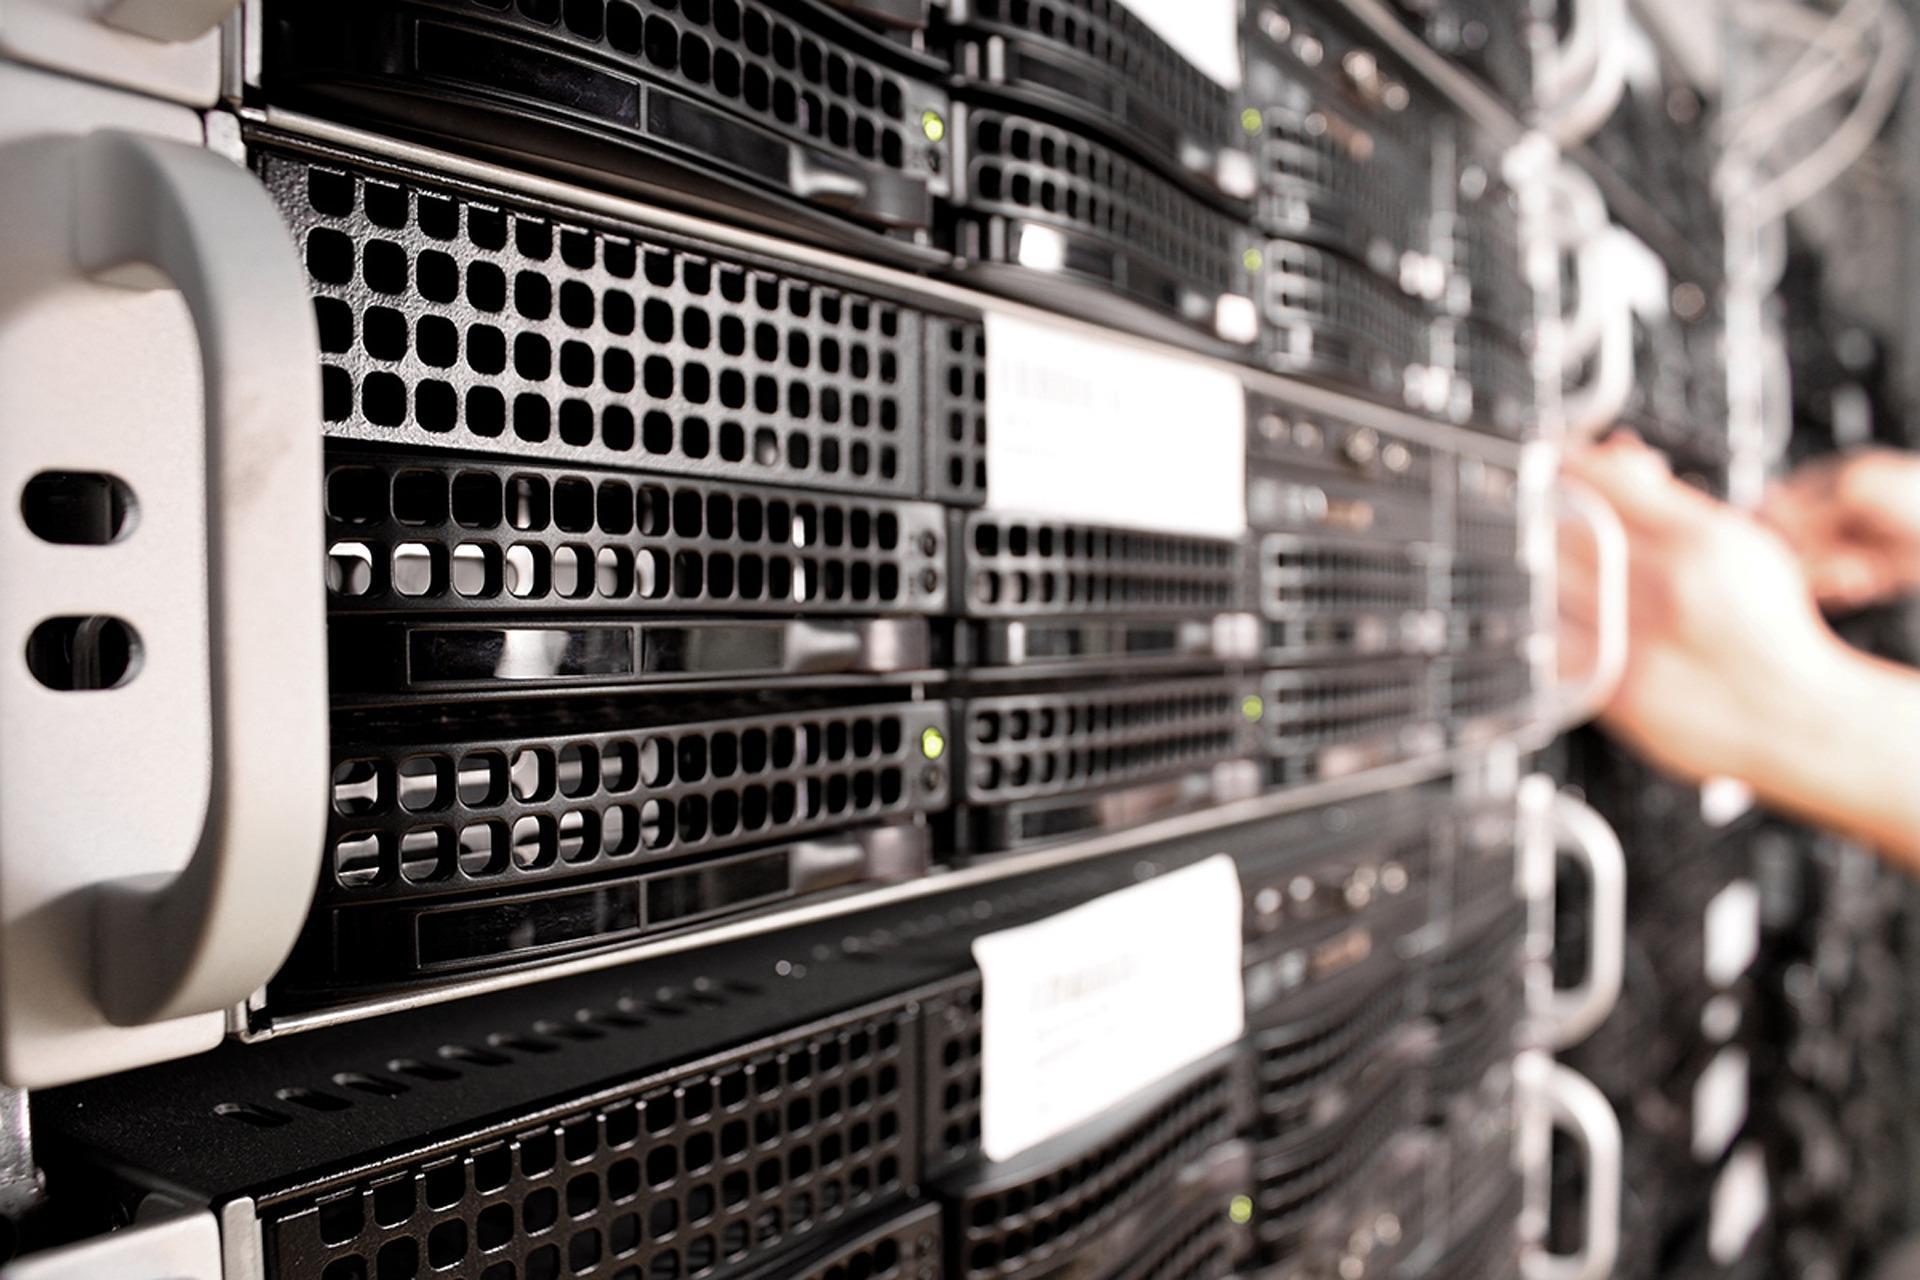 uploads///Servers